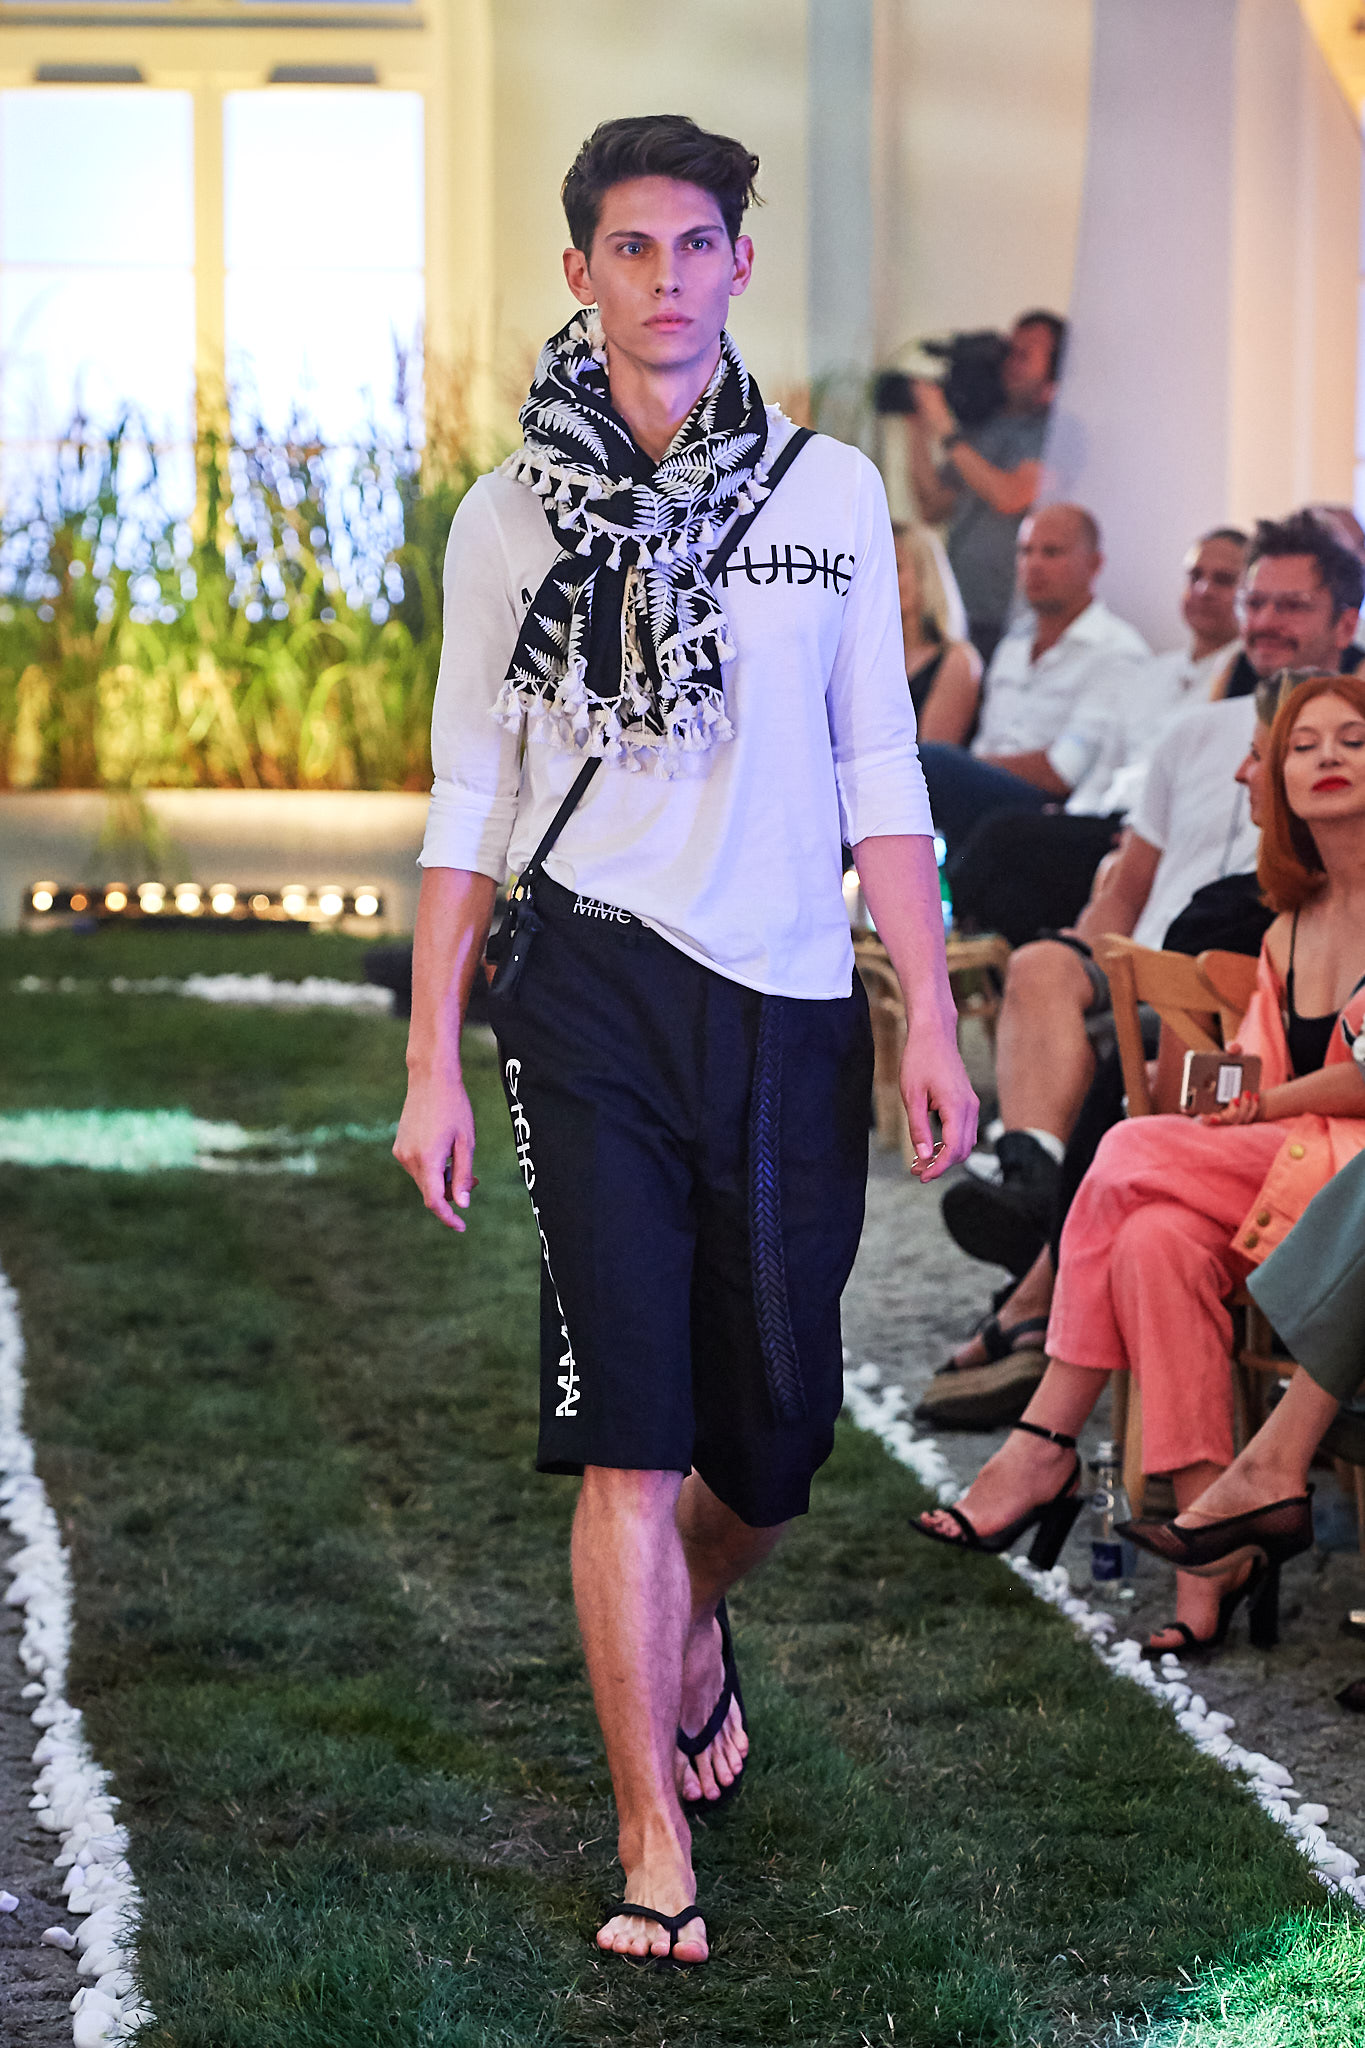 20_MMC-010719-lowres-fotFilipOkopny-FashionImages.jpg